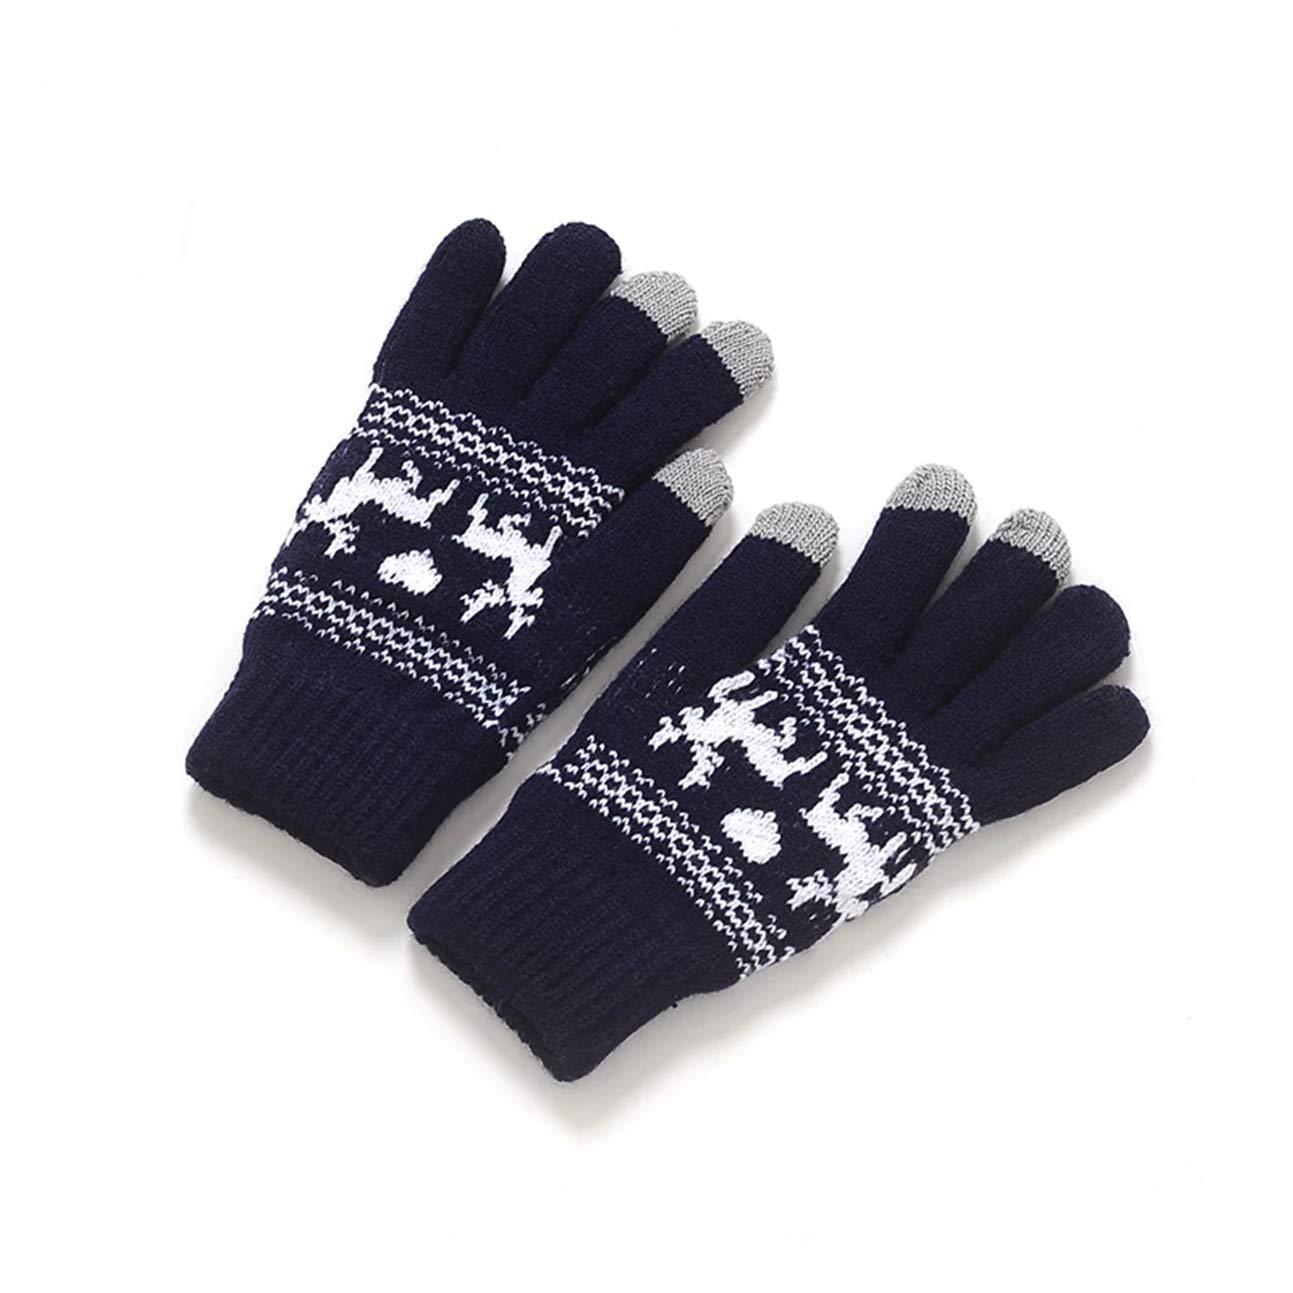 レディースメンズ冬用手袋 ニット製 ソフト 暖かい ユニセックス ボーイズ ユース クラシカル 人気 エクストリーム ジム フットボール ゴルフ スクリーン タクティカル 作業 ハンド リストストラップ ドライヤー タッチグローブ 1ペア  Type-05 B07M6ZCCN7